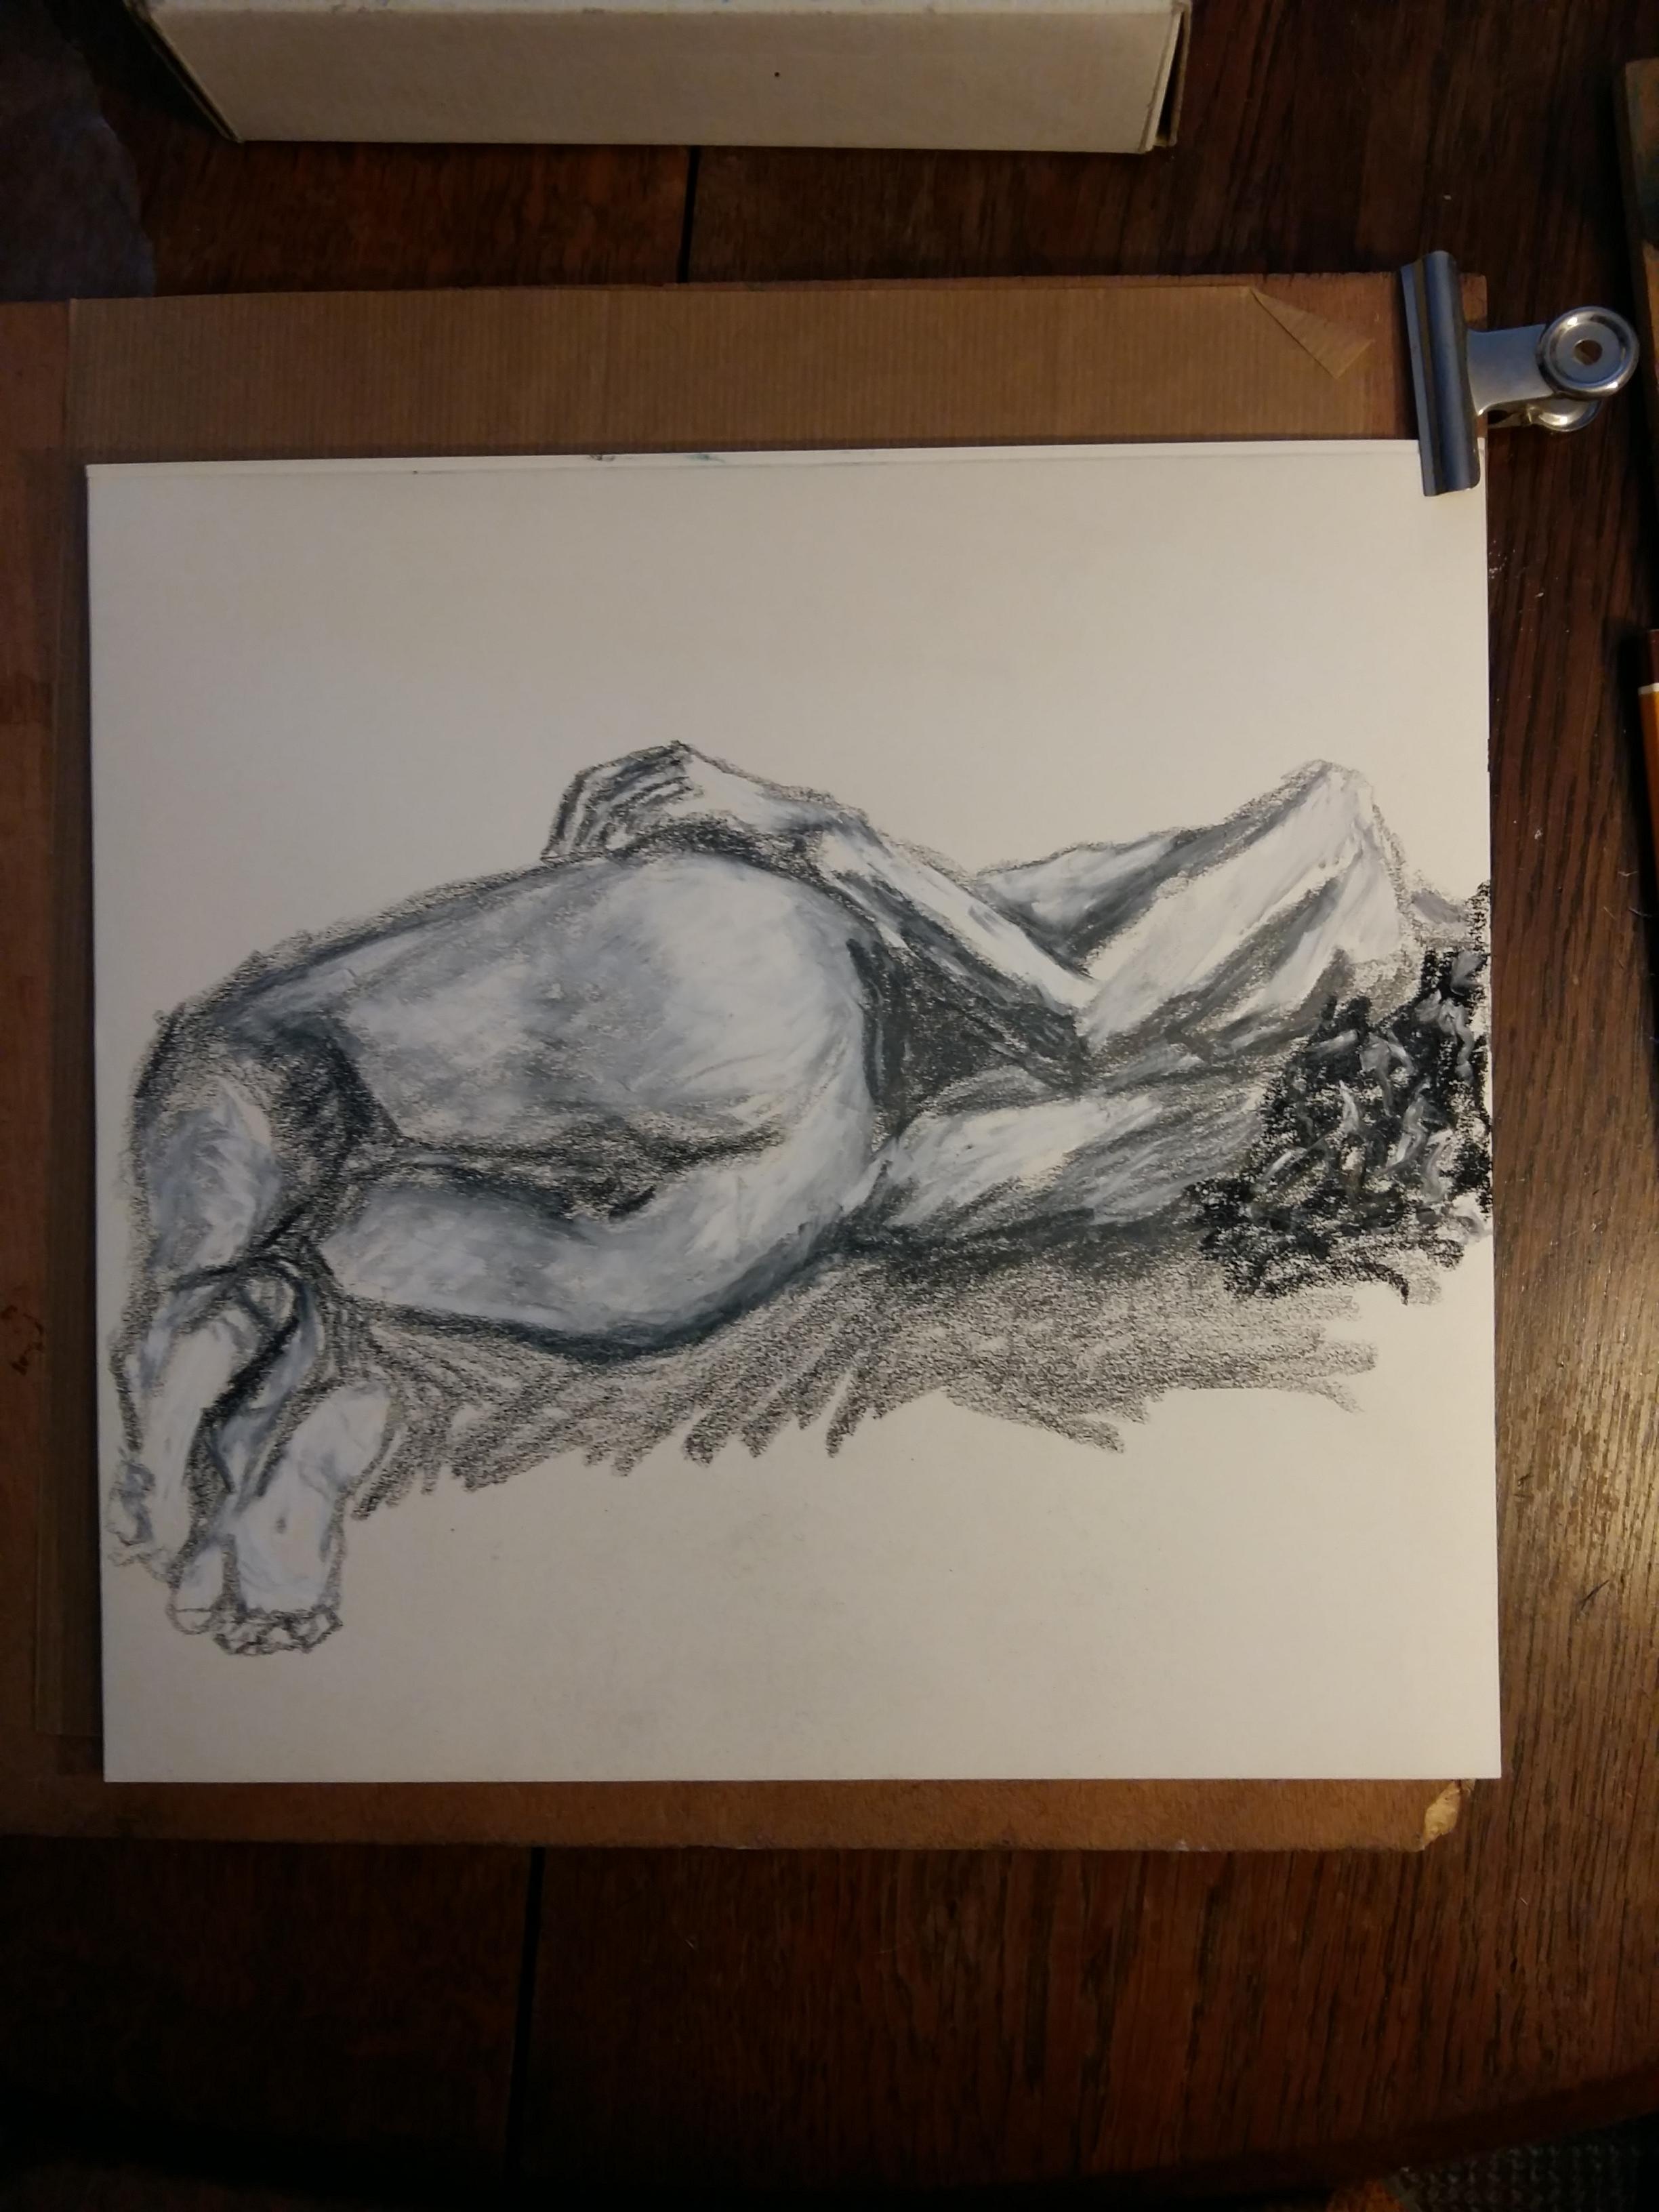 Ébauche dessin femme dos allongé technique mixte graphite pastel blanc et noir  cours de dessin